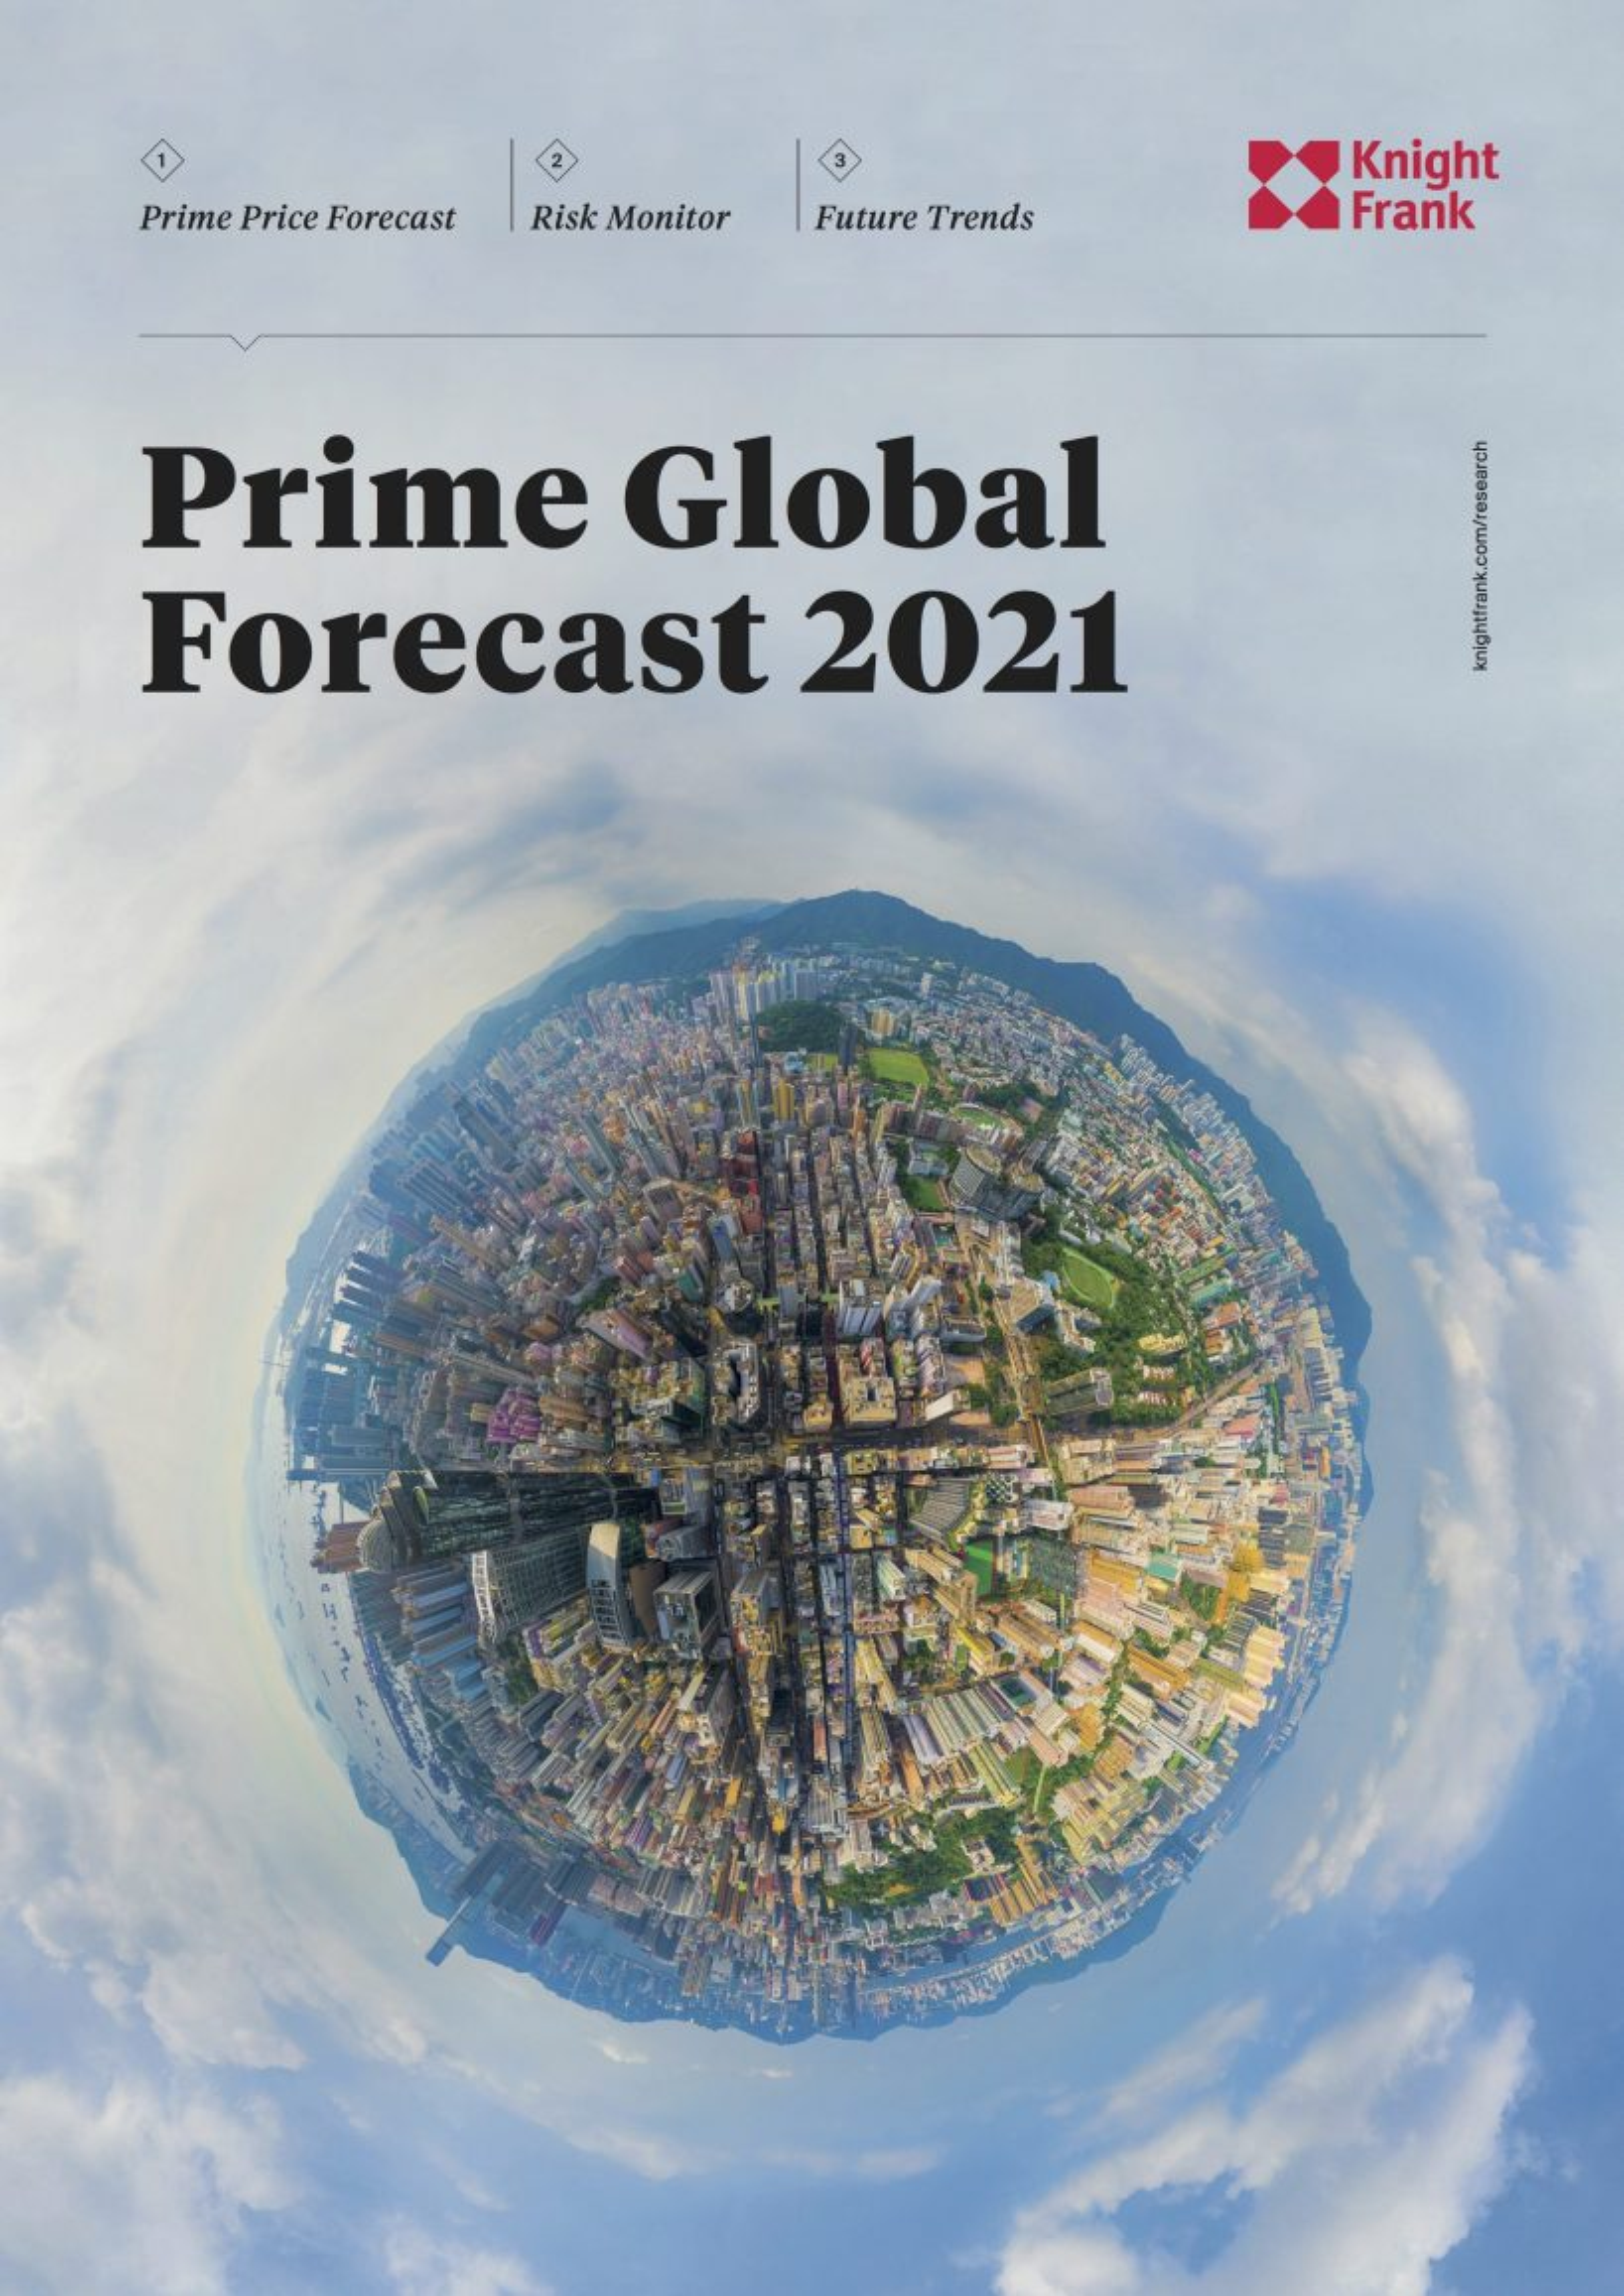 Previsiones de Knight Frank para el mercado residencial 'prime' en 2021